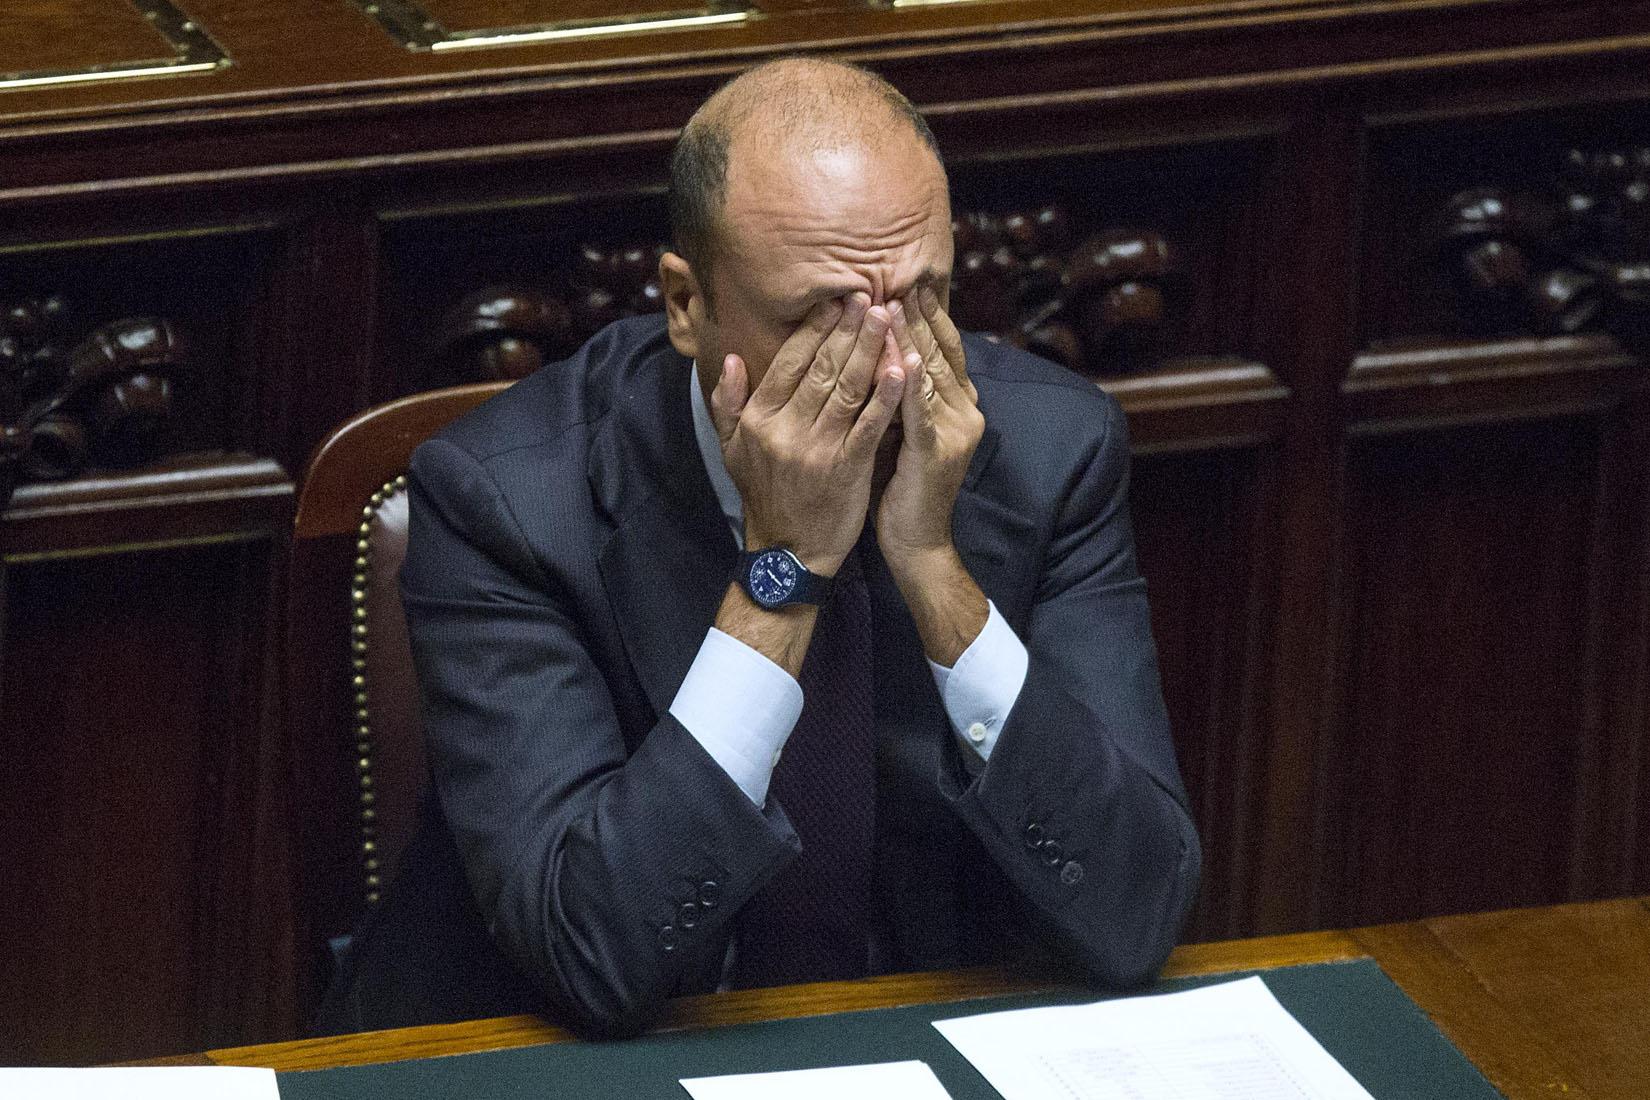 Corruzione Roma, Alfano nella bufera. Oltre al fratello del ministro, coinvolto anche il padre